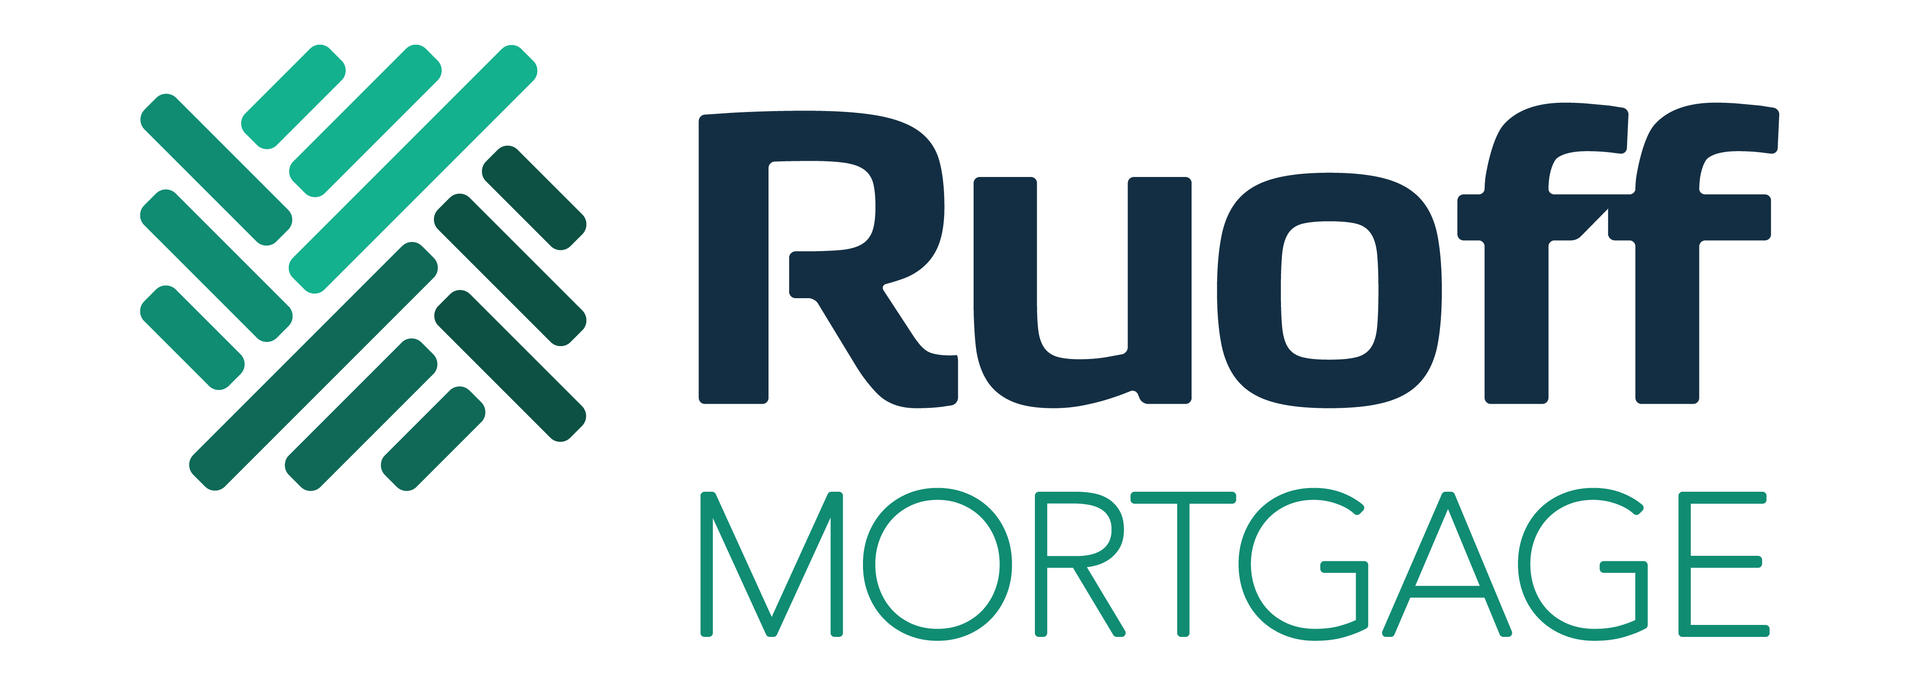 ruoff_mortgage_fc.jpg